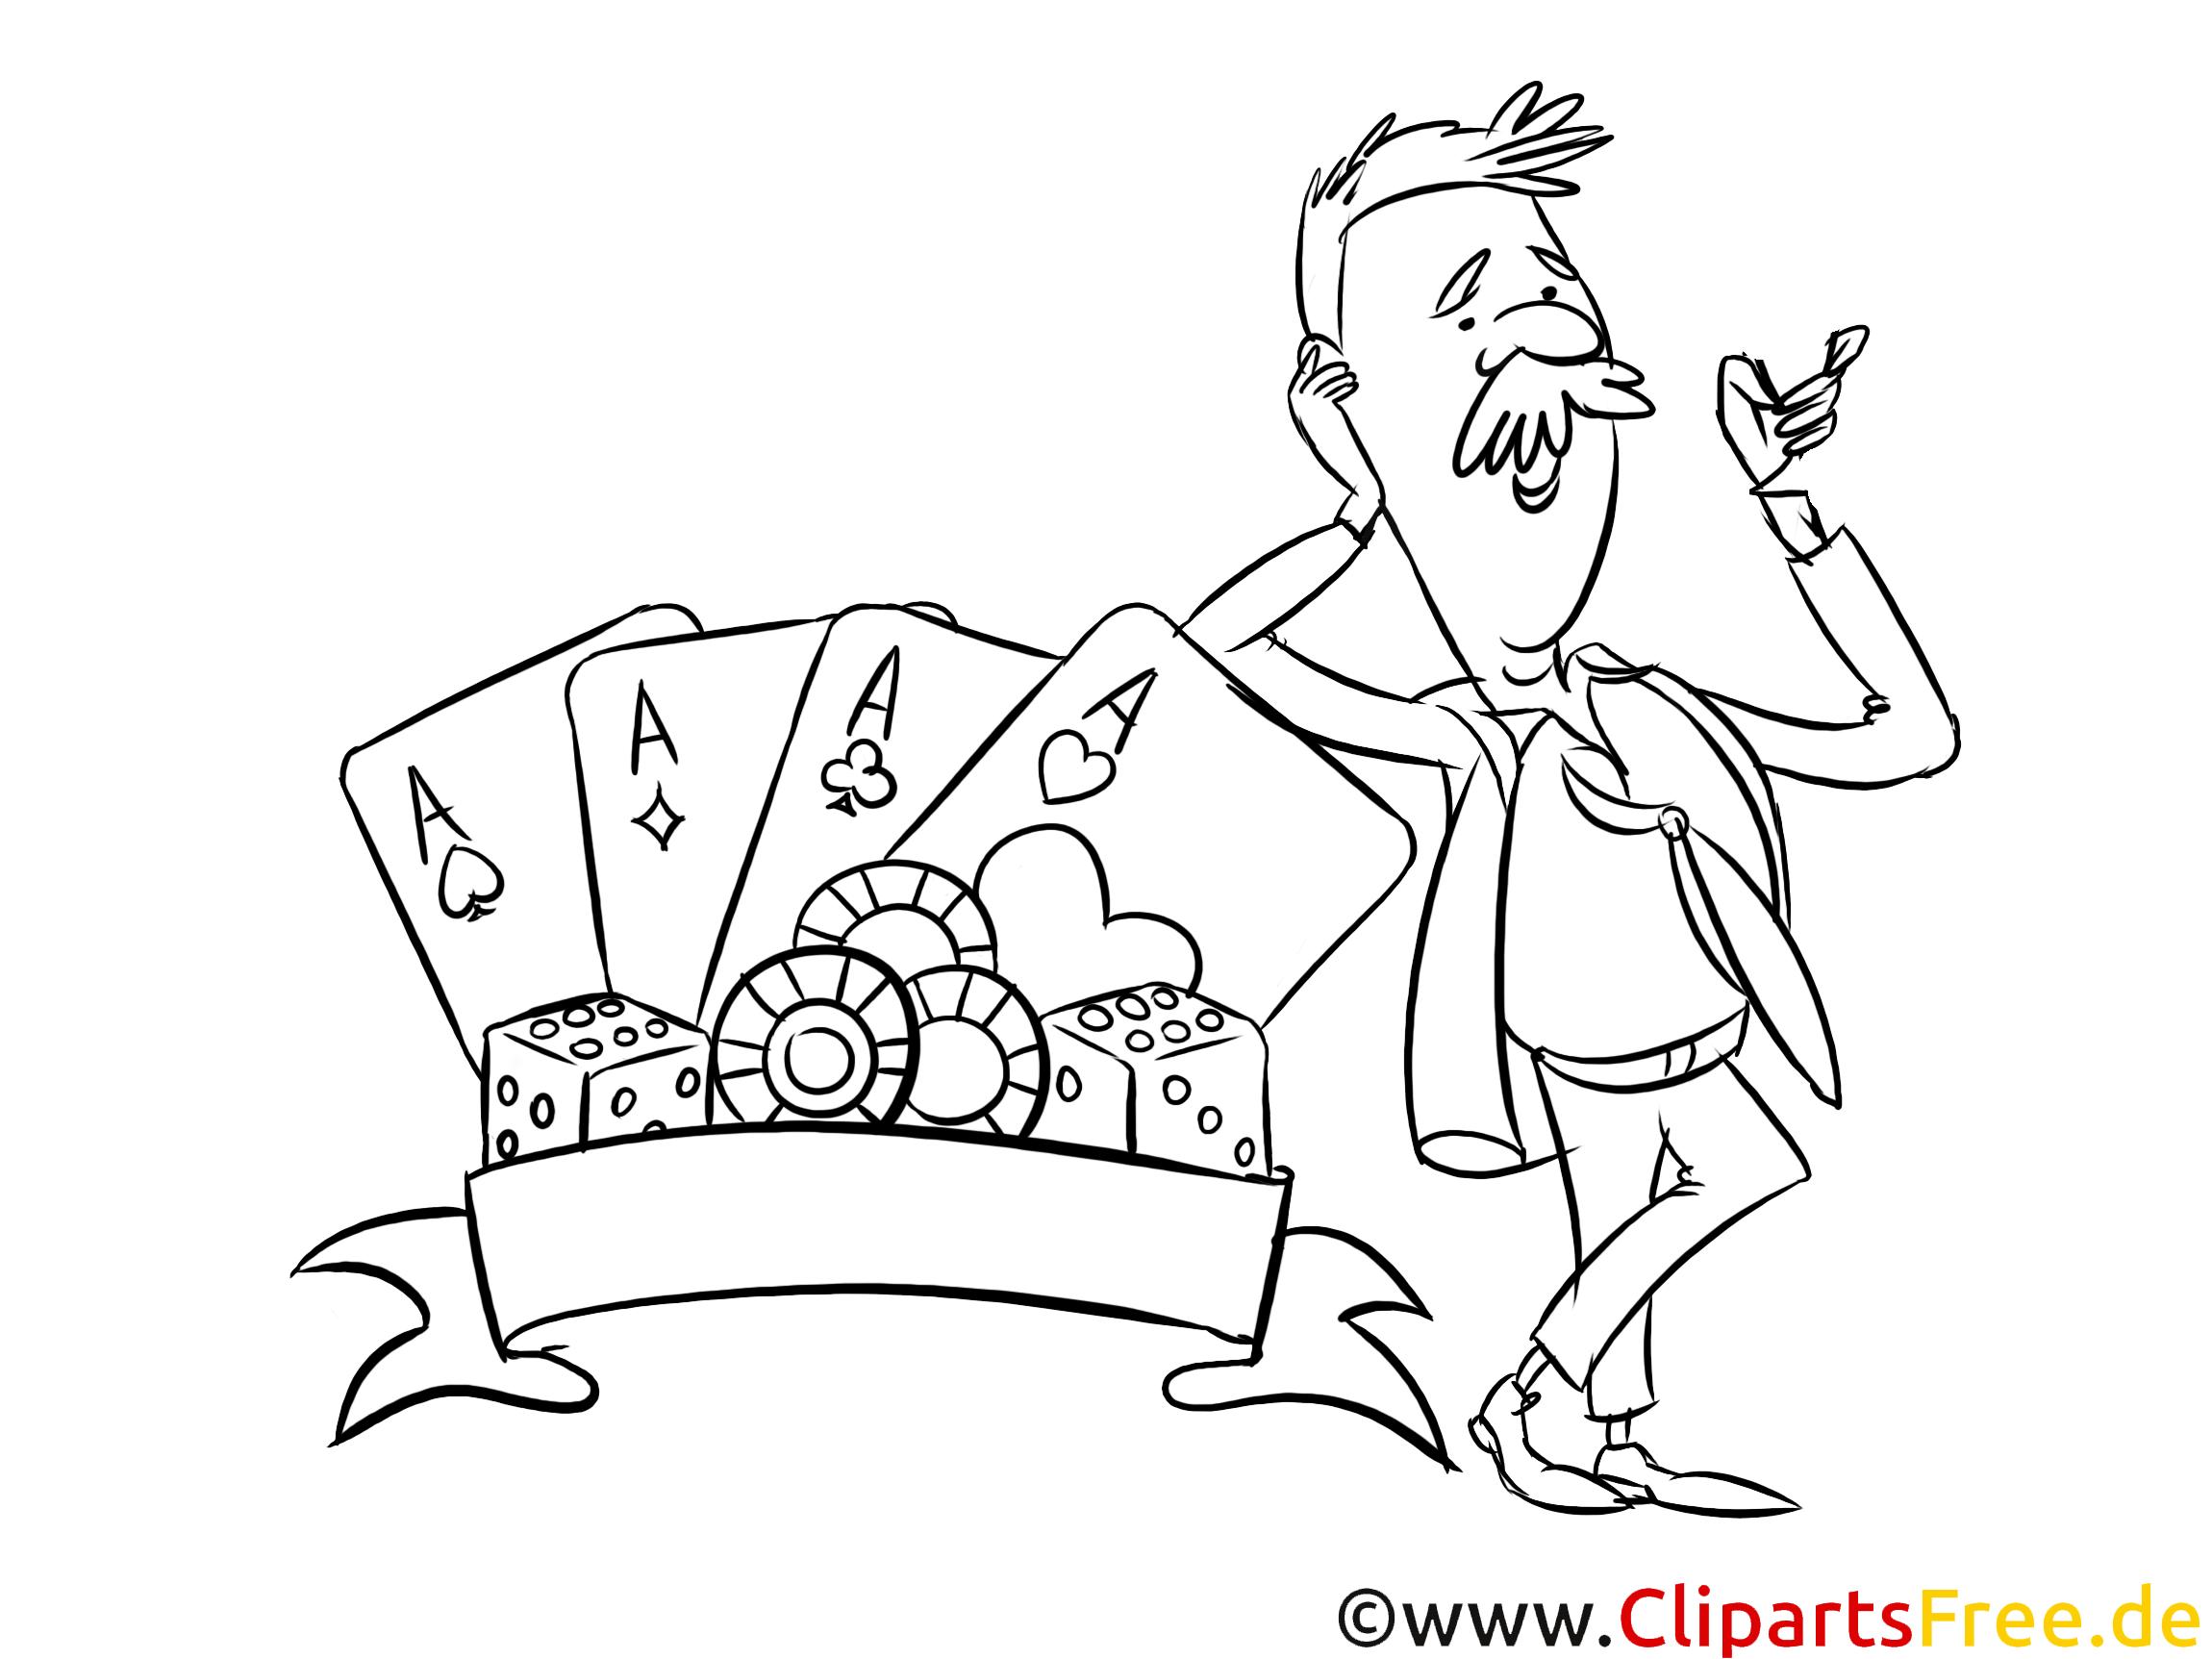 Zauberer mit Spielkarten Bild, Illustration schwarz-weiß zum Ausmalen